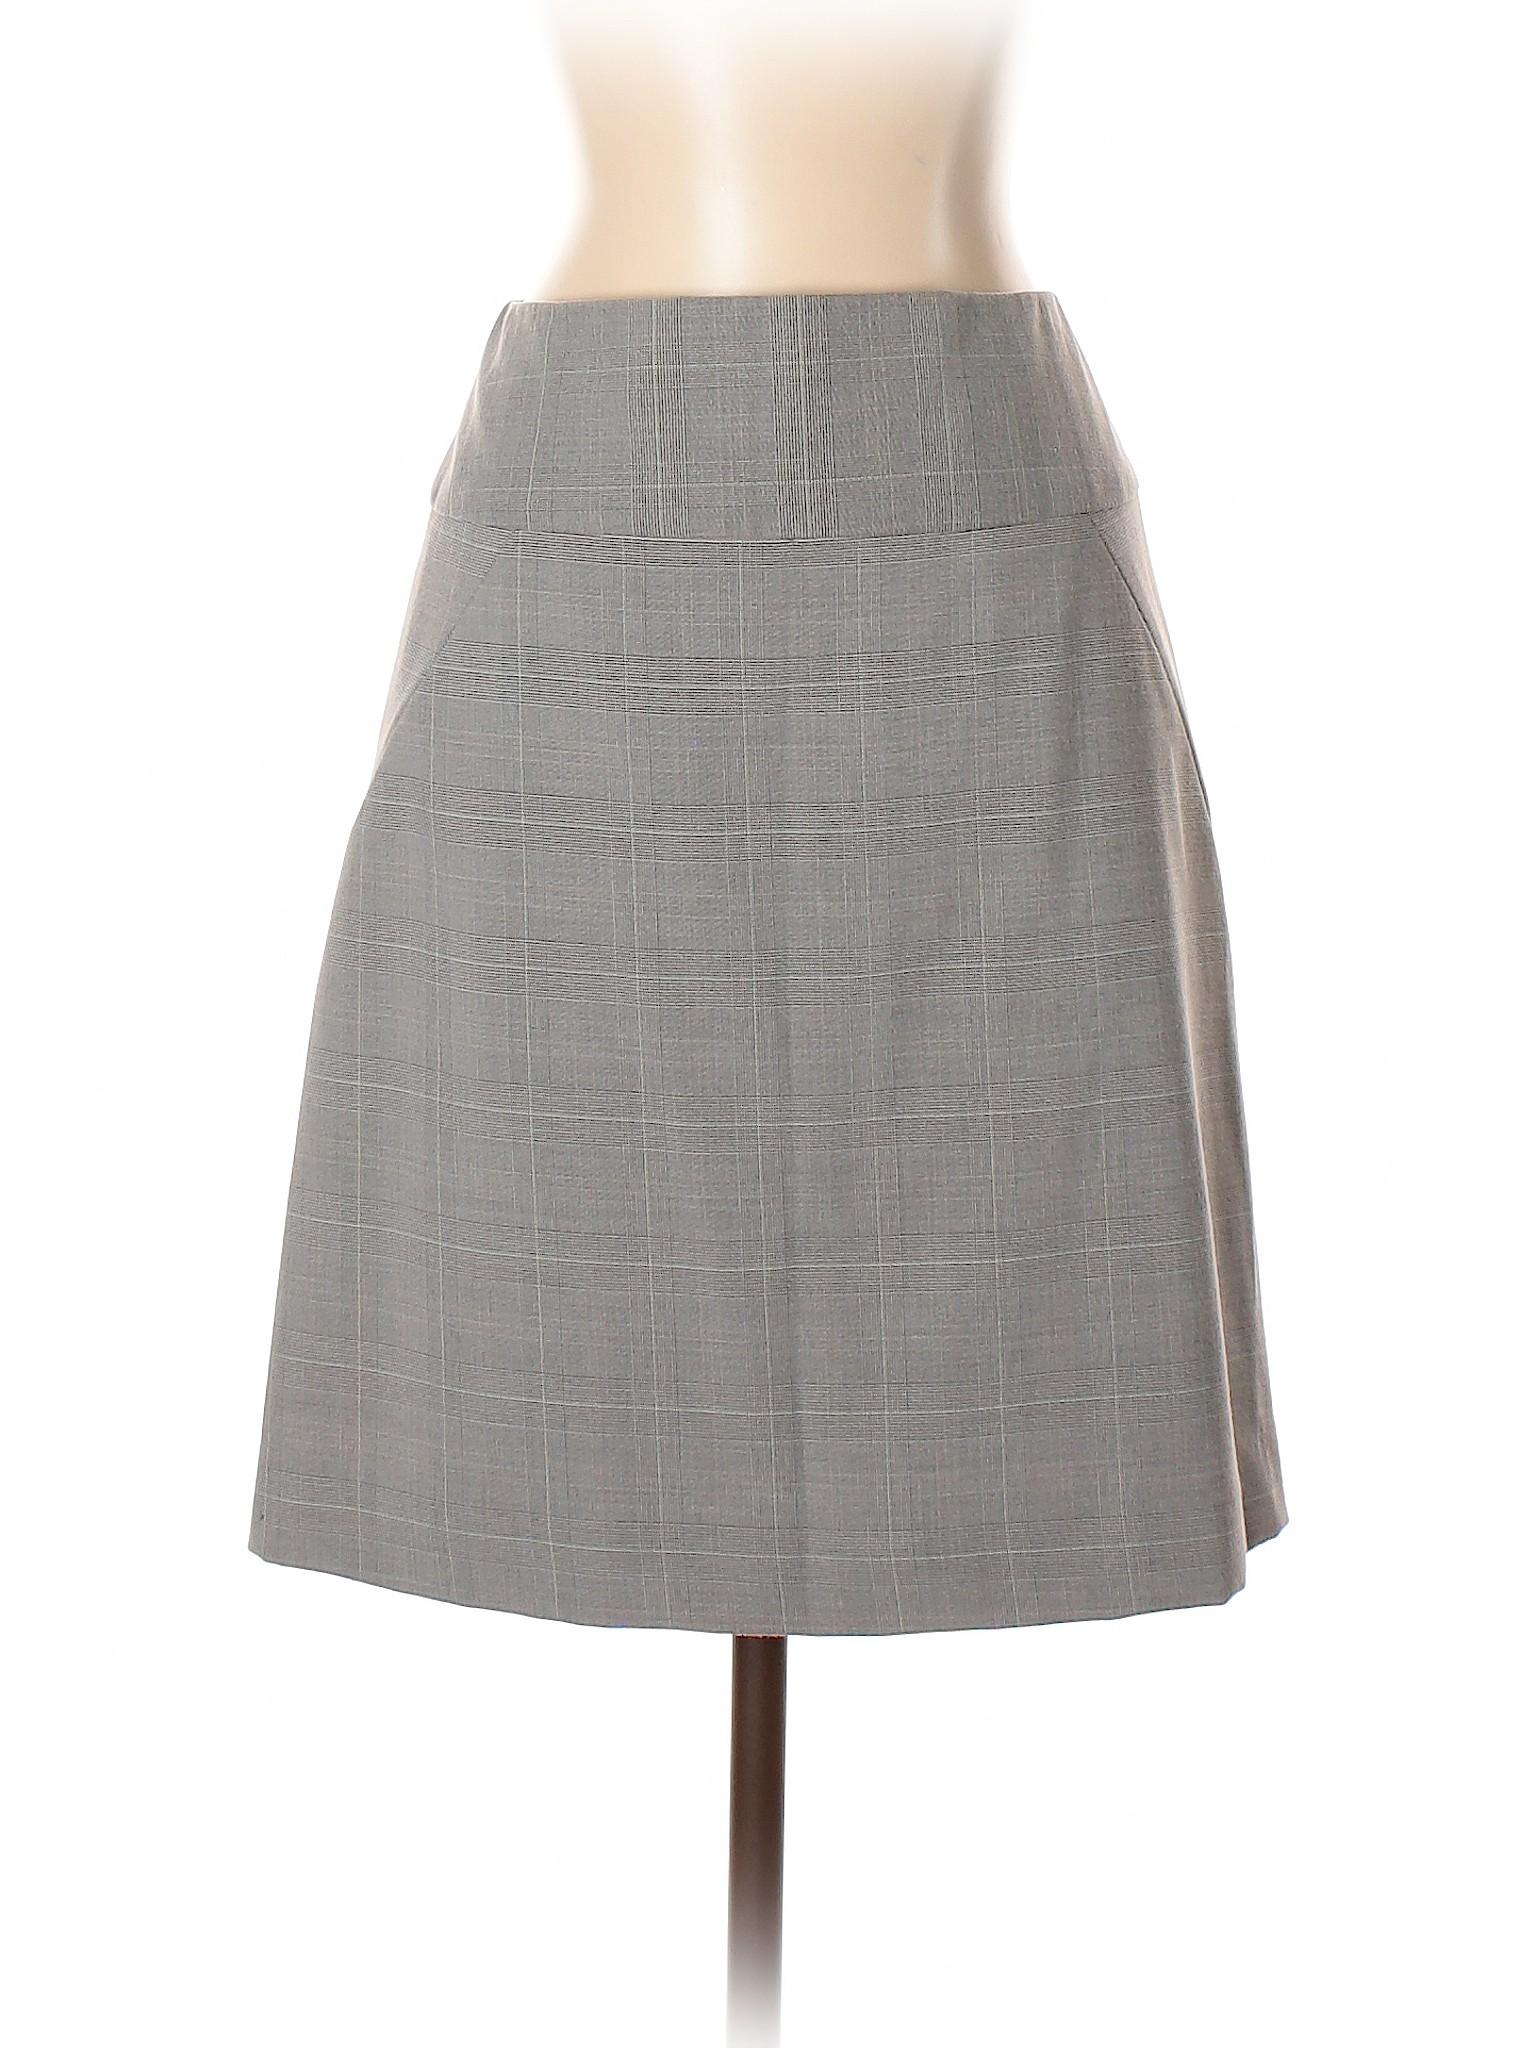 leisure Banana Republic Boutique Casual Skirt zaC6qxR